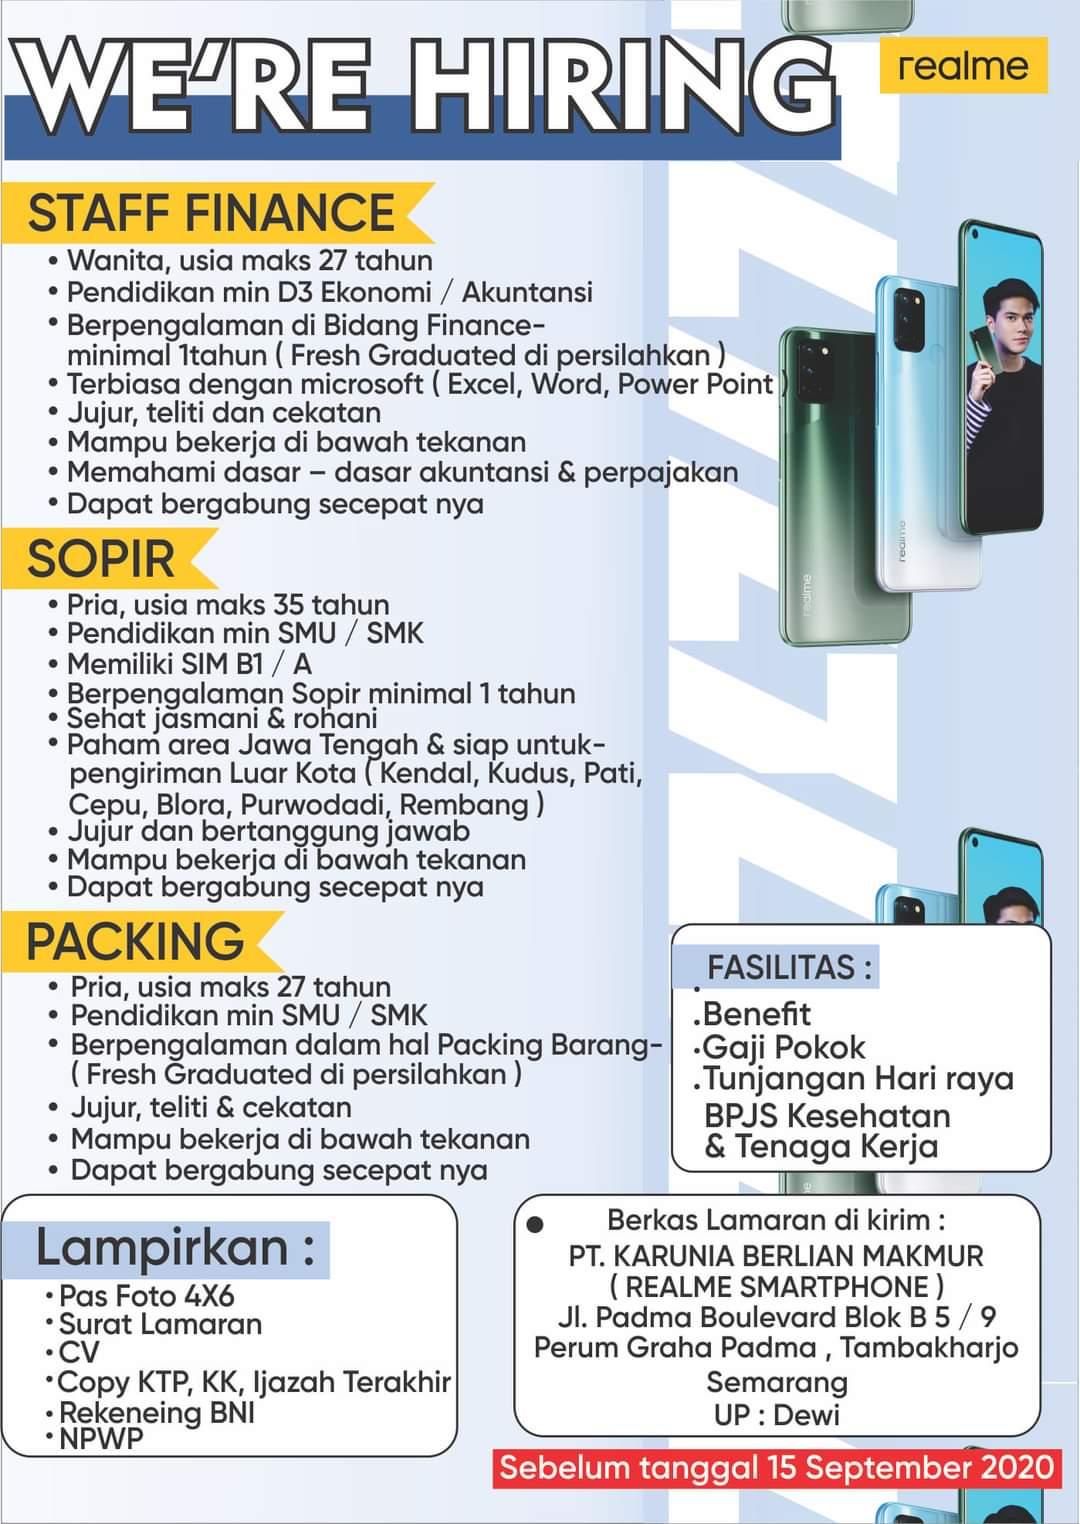 Dibuka Lowongan Kerja Realme Semarang Untuk Posisi Staff Finance, Sopir dan Packing